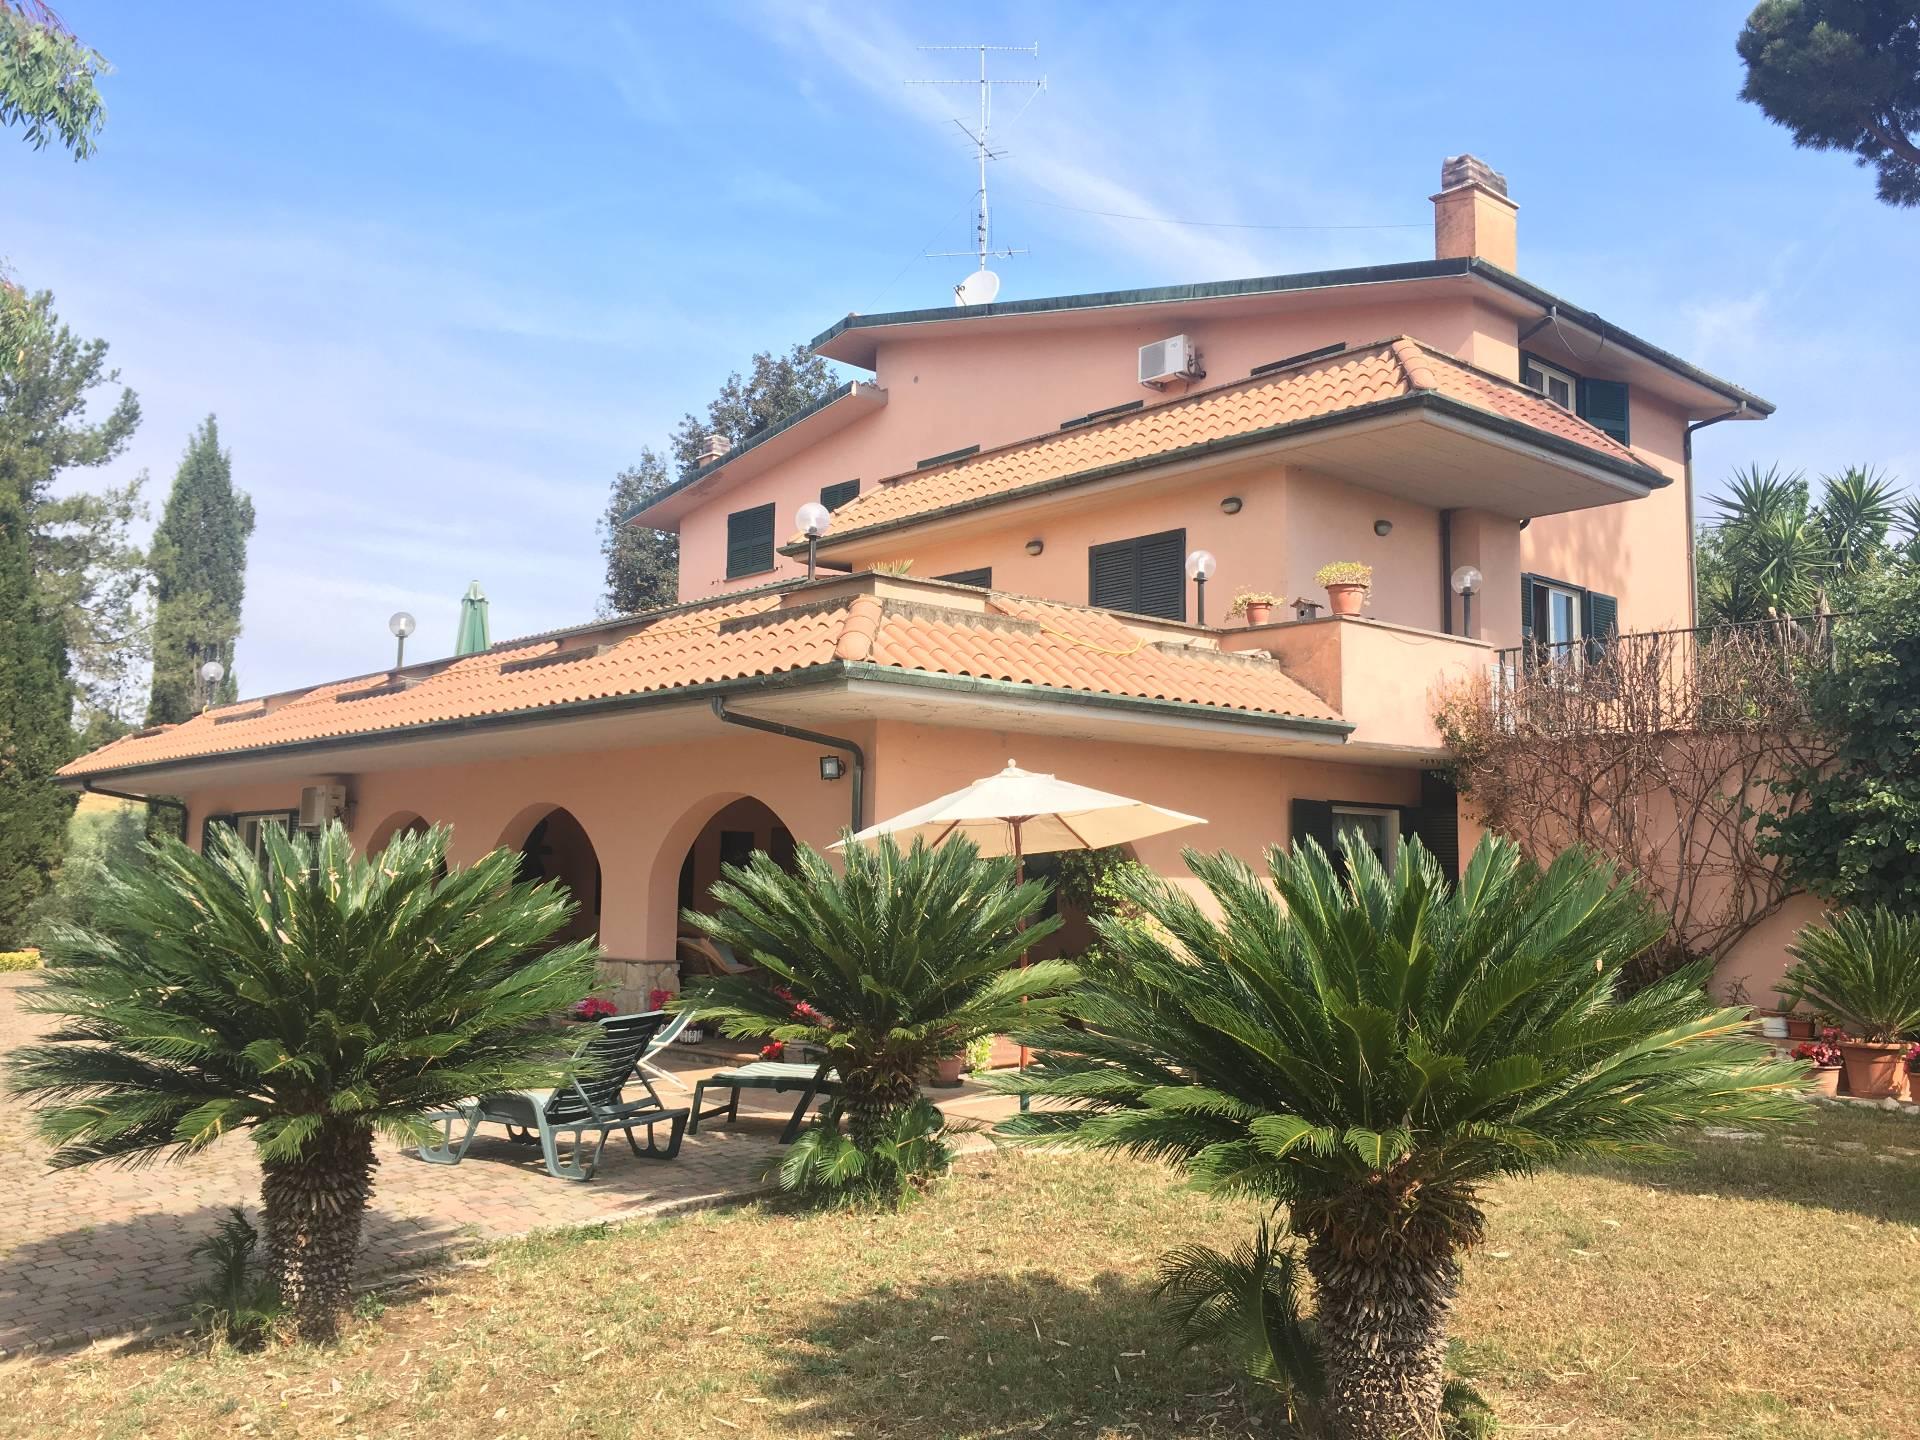 Villa in vendita a Mentana, 17 locali, Trattative riservate | Cambio Casa.it